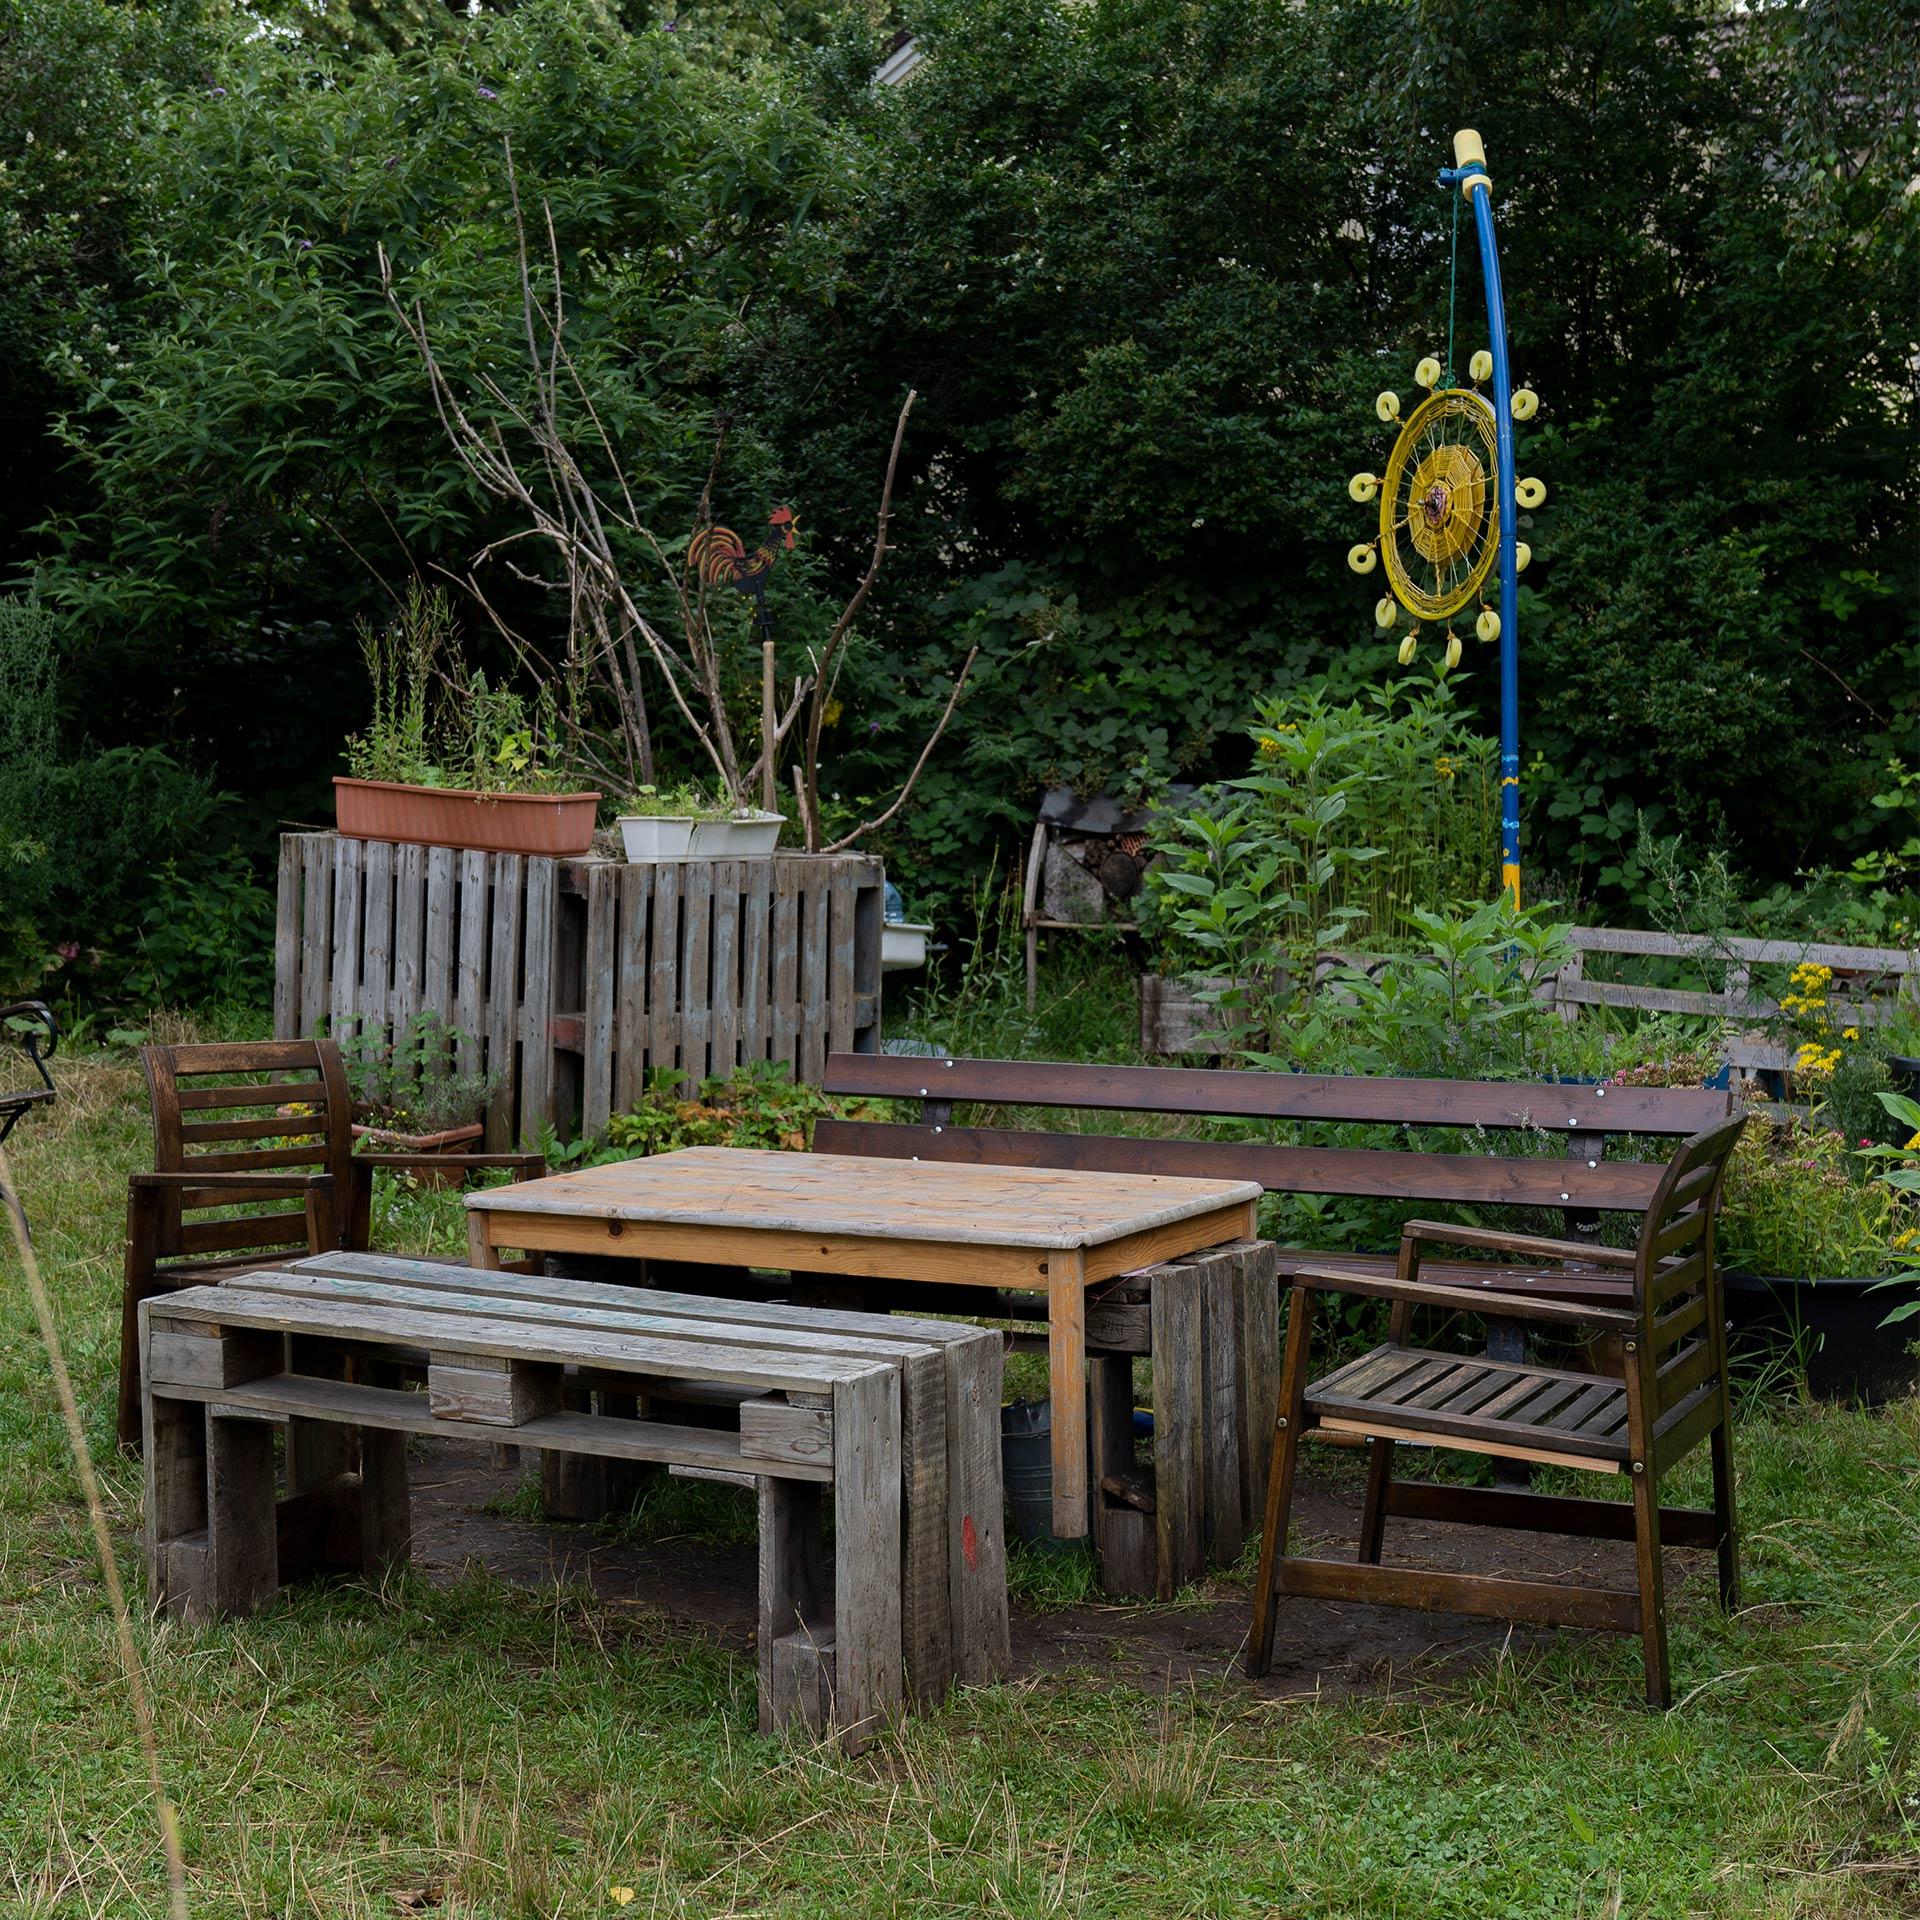 Gemeinschaftsgarten Ückendorf Gelsenkirchen